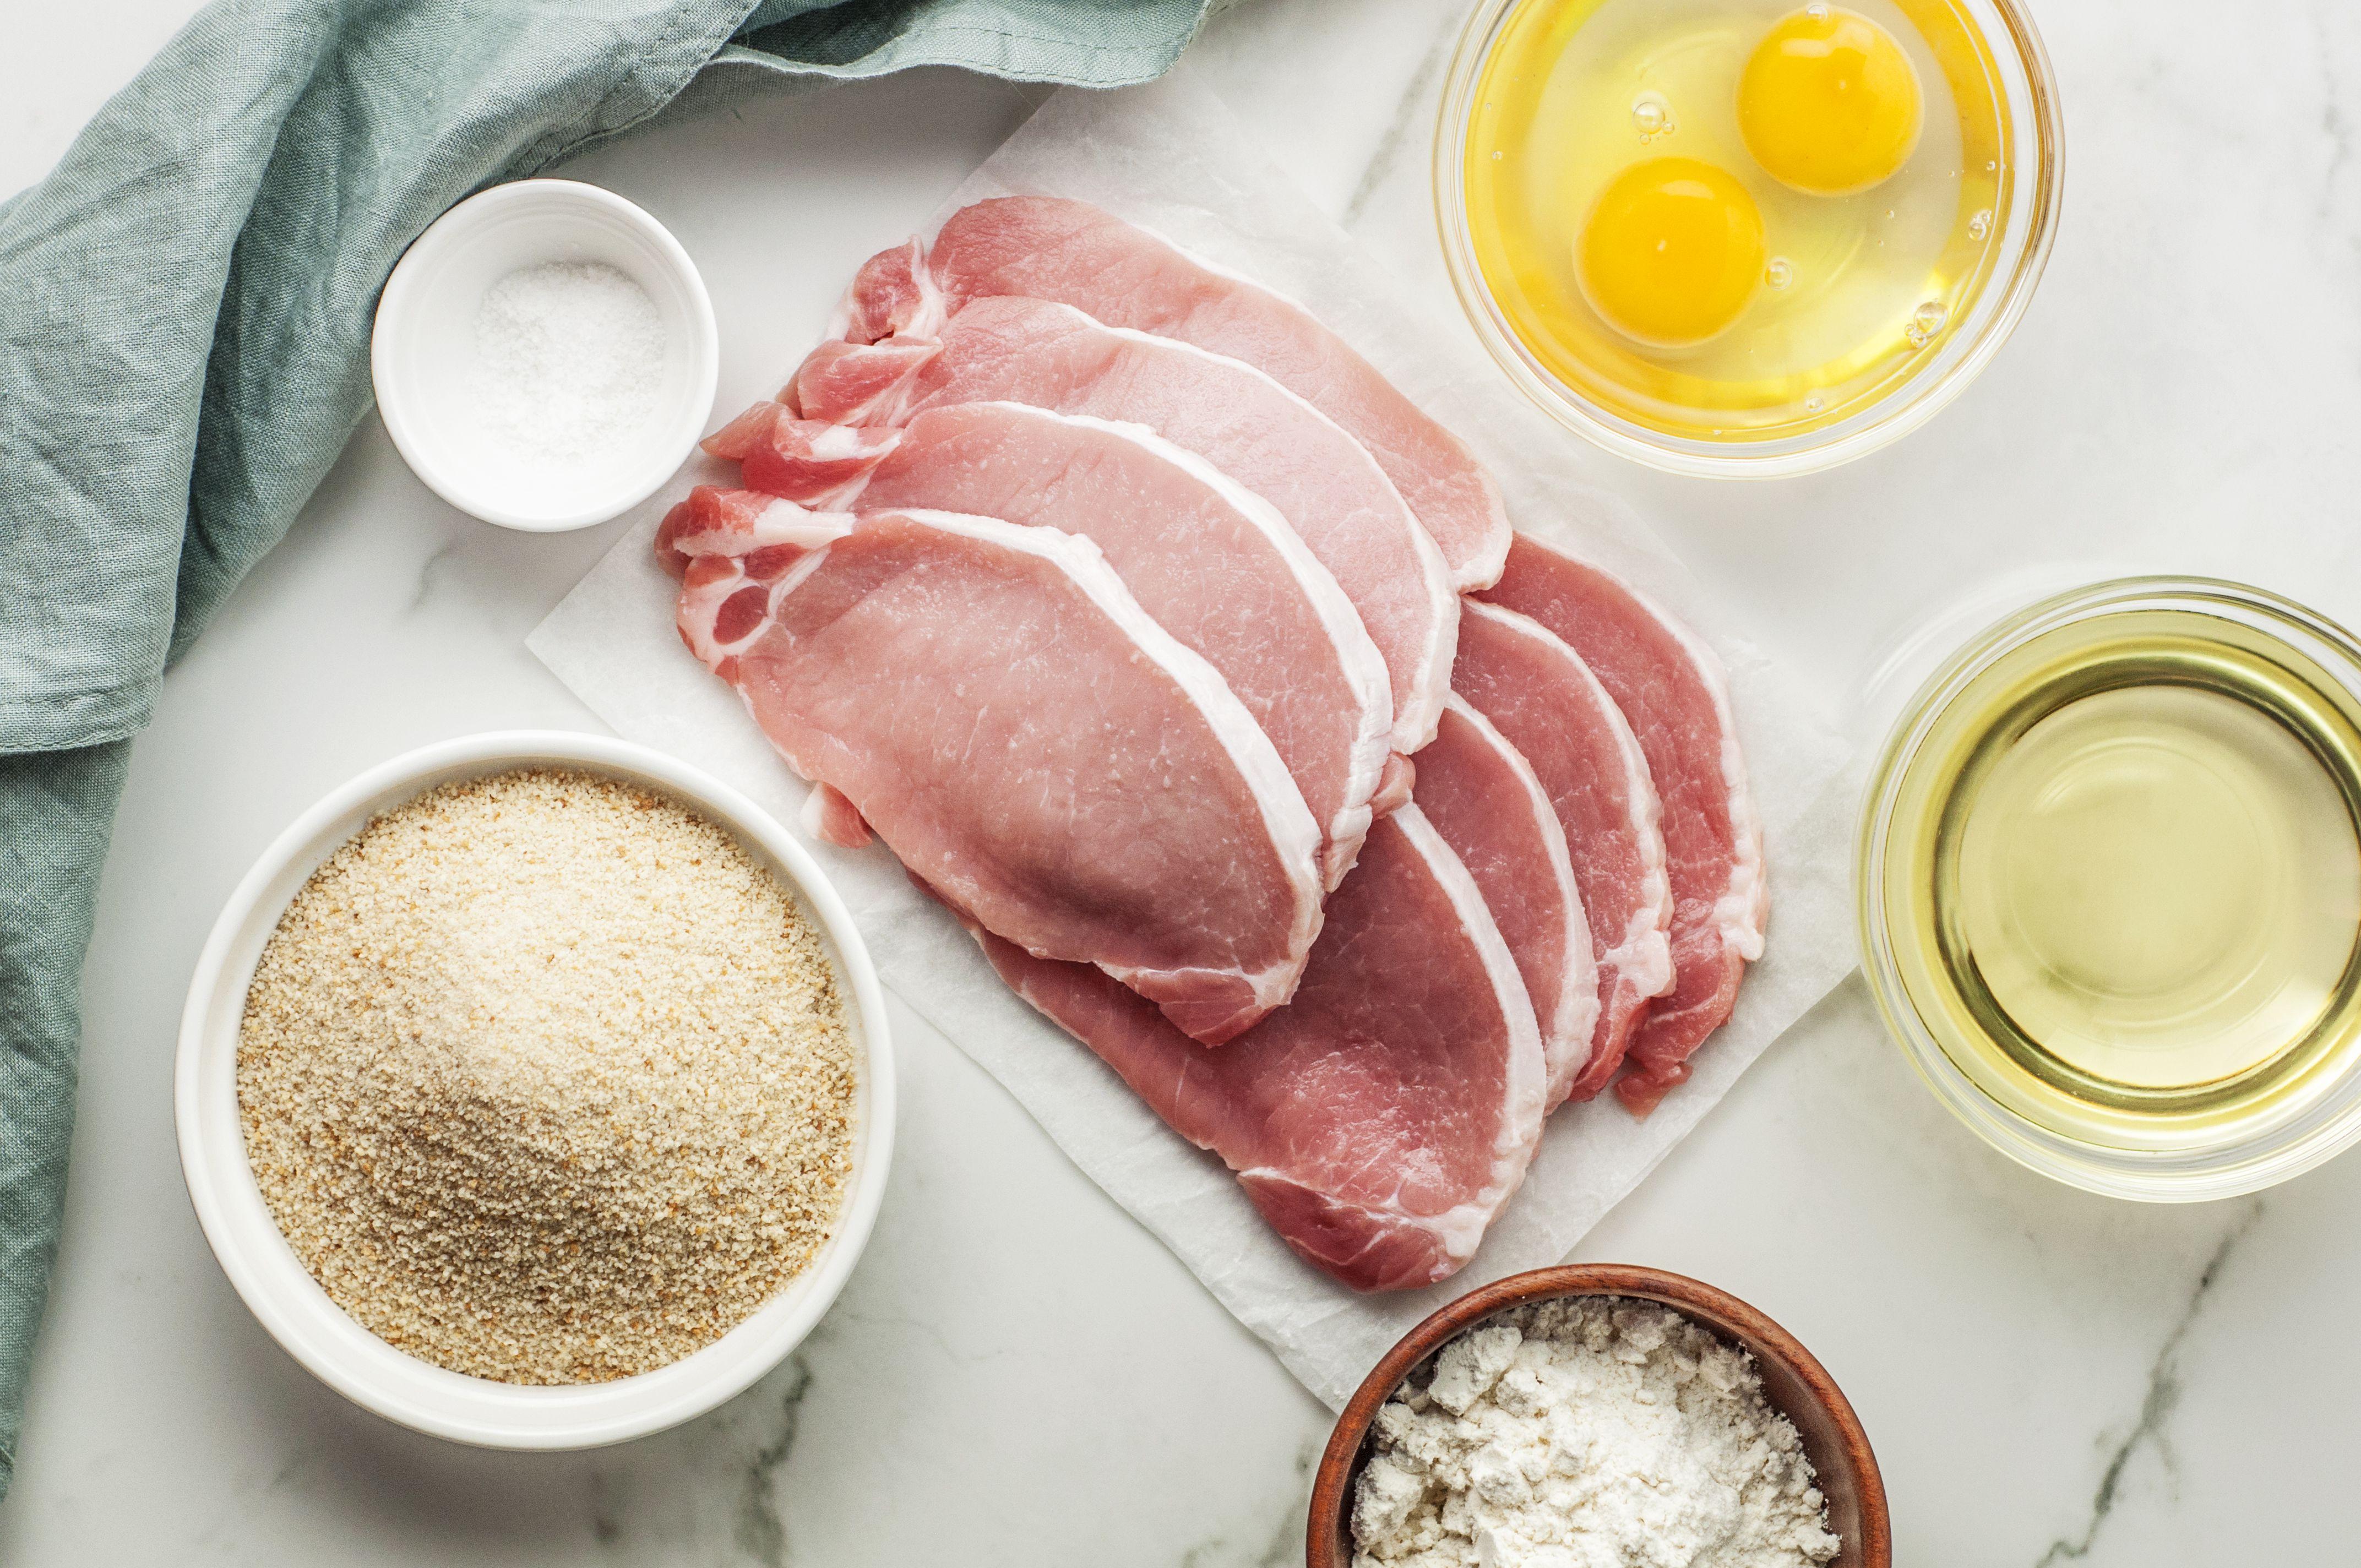 Authentic Wiener Schnitzel Recipe ingredients